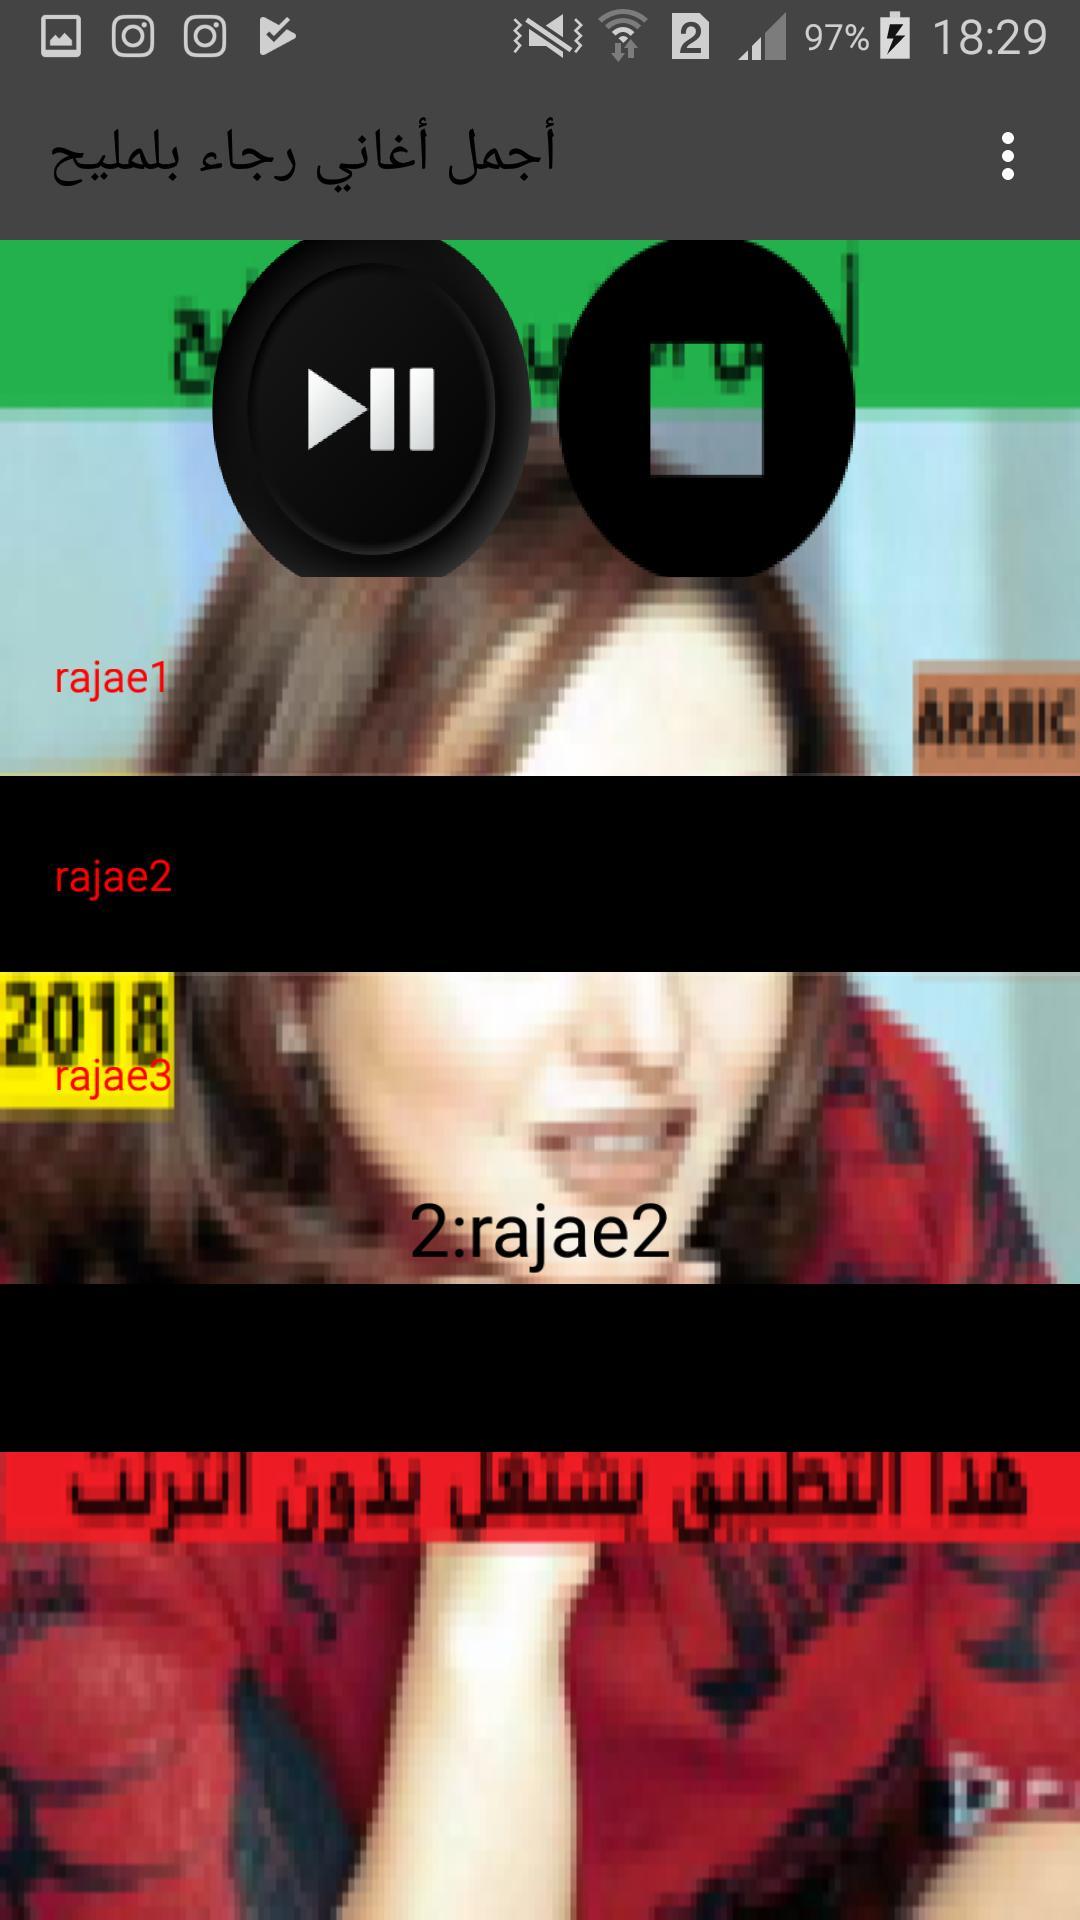 MAROC15 TÉLÉCHARGER 2013 MUSIC